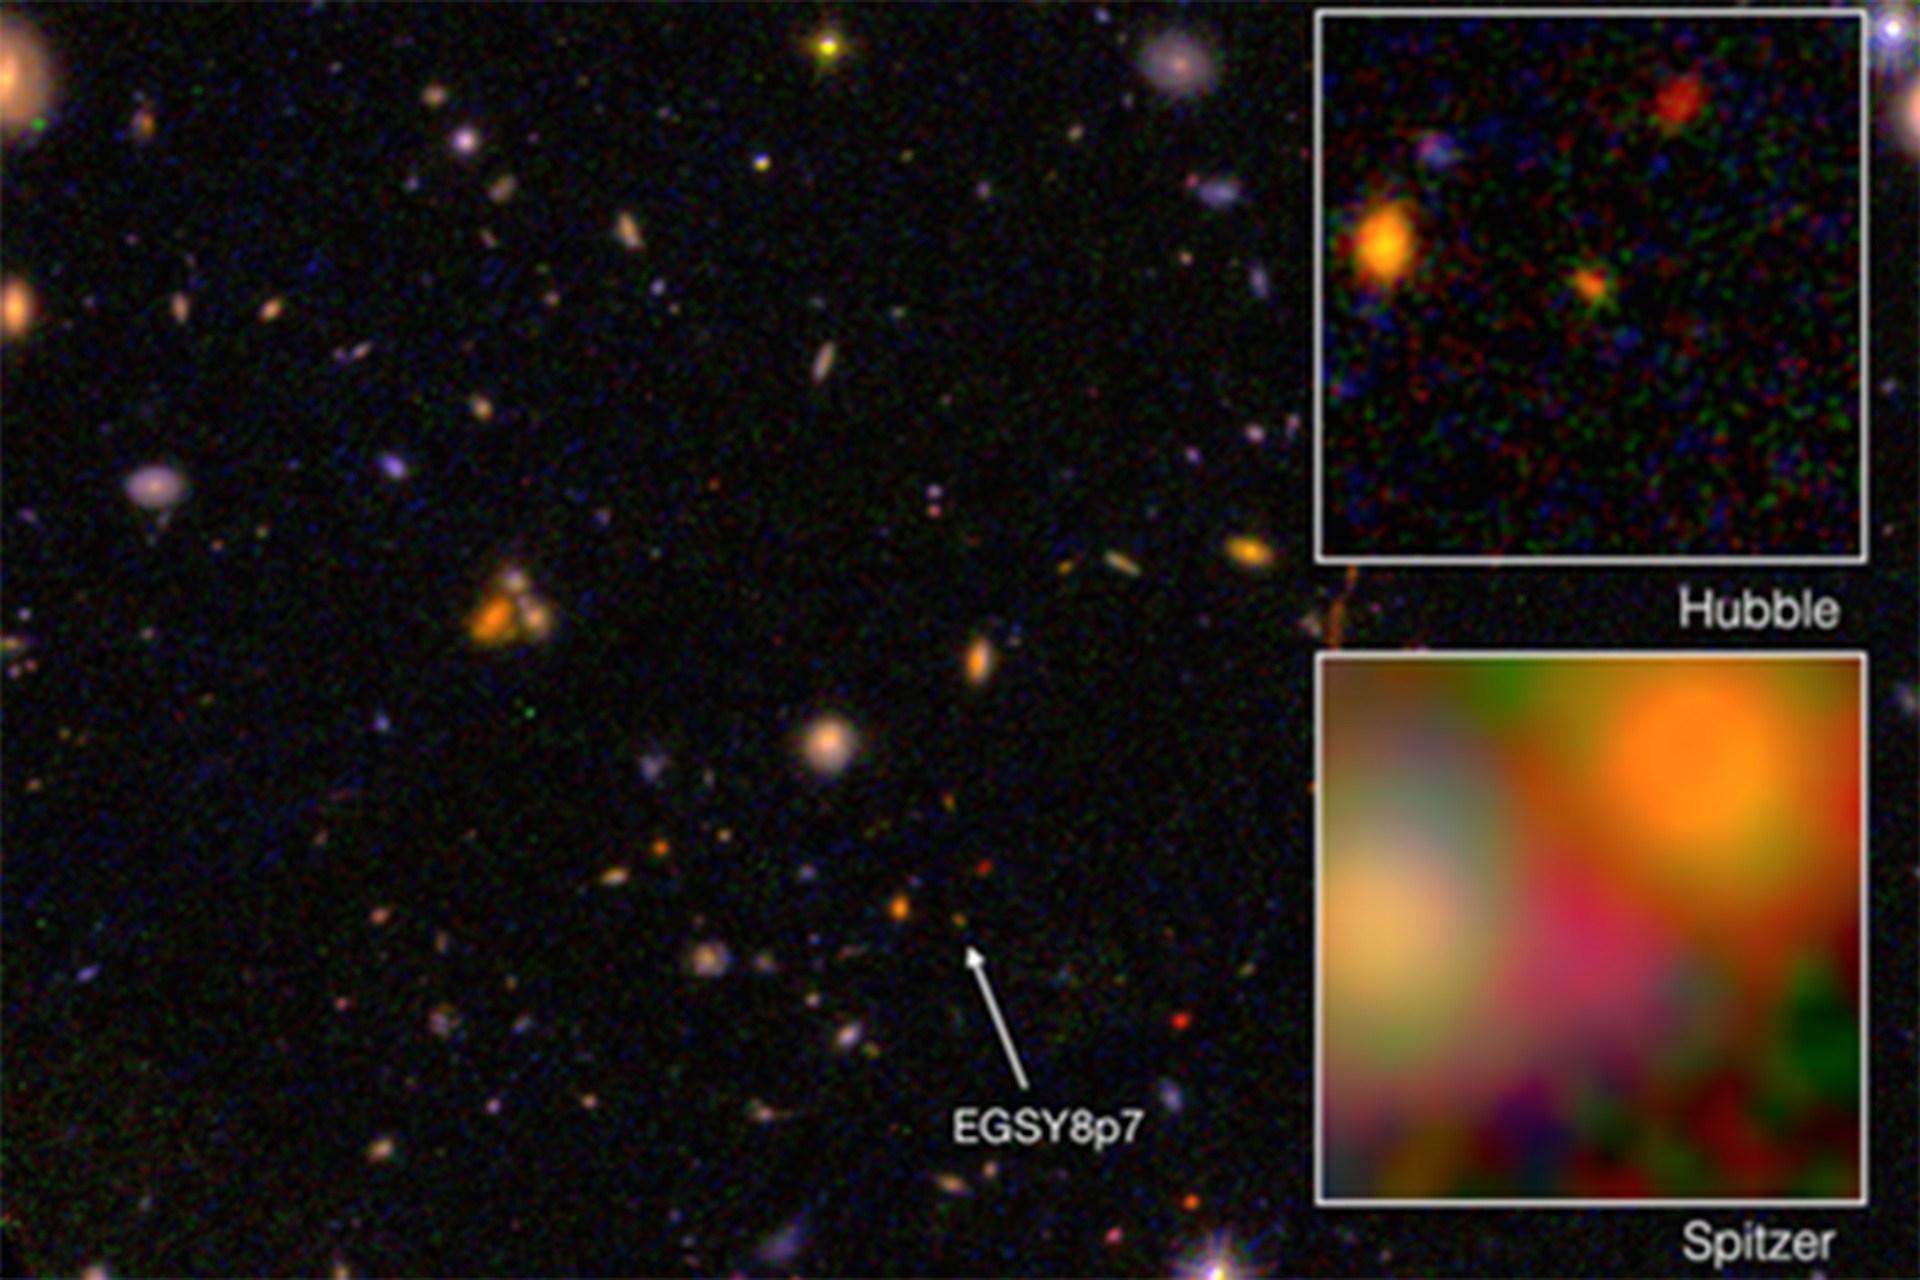 galaxia mais velha - quase da idade do universo